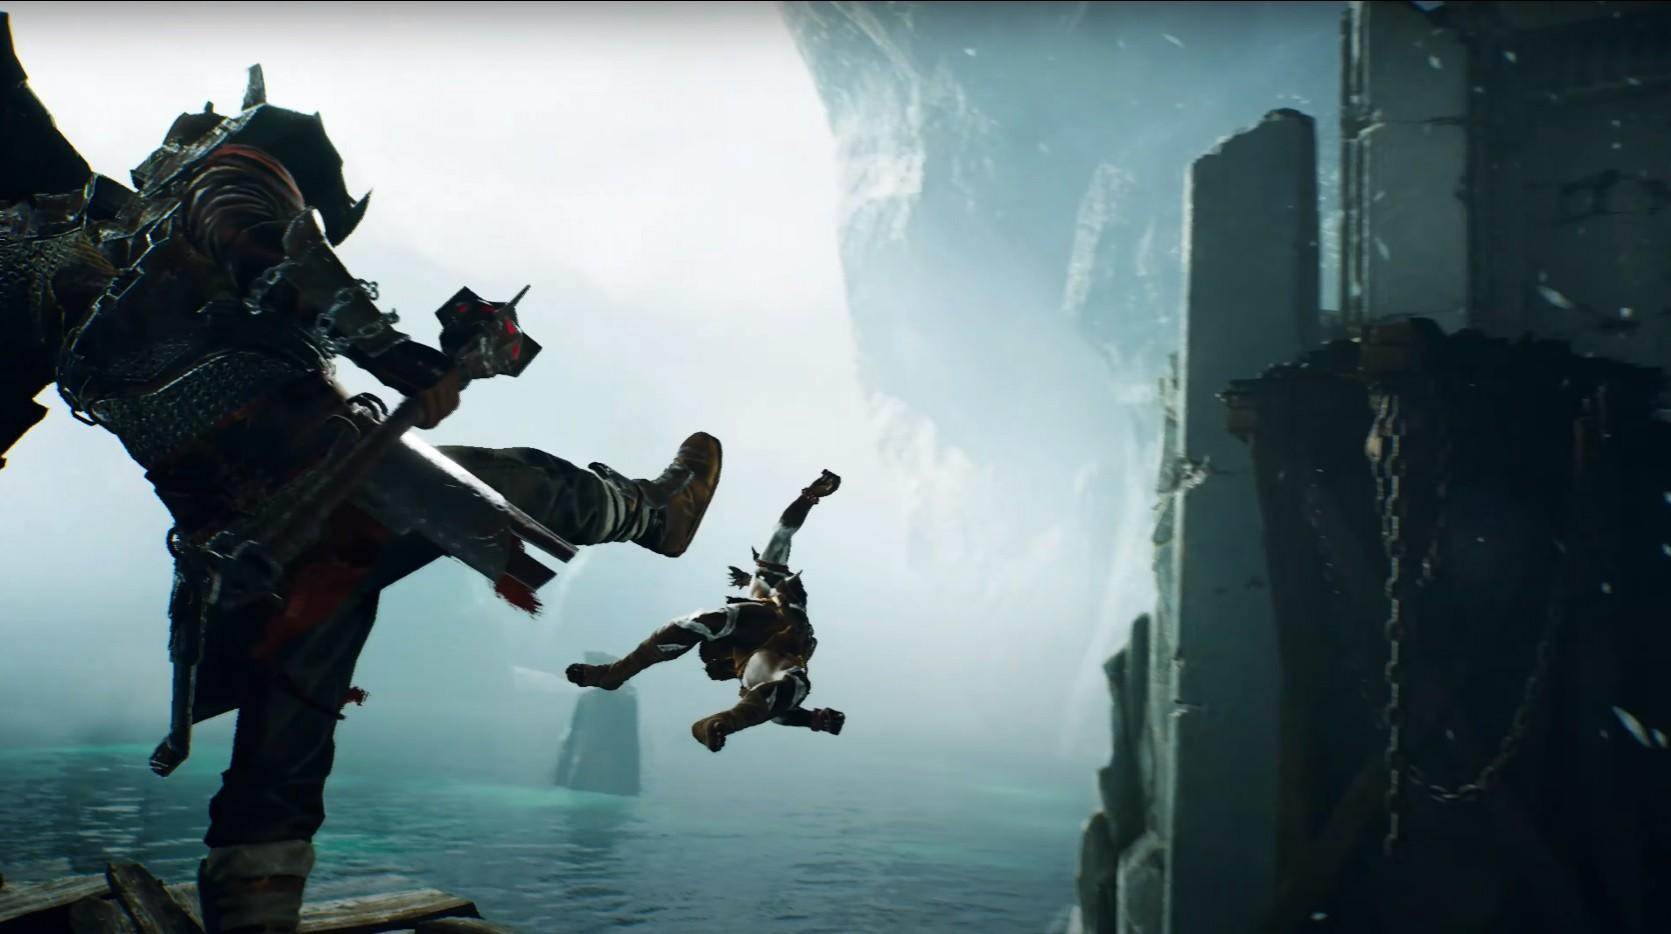 Разработчики из Беларуси сделали игру похожую на For Honor и Dark Souls